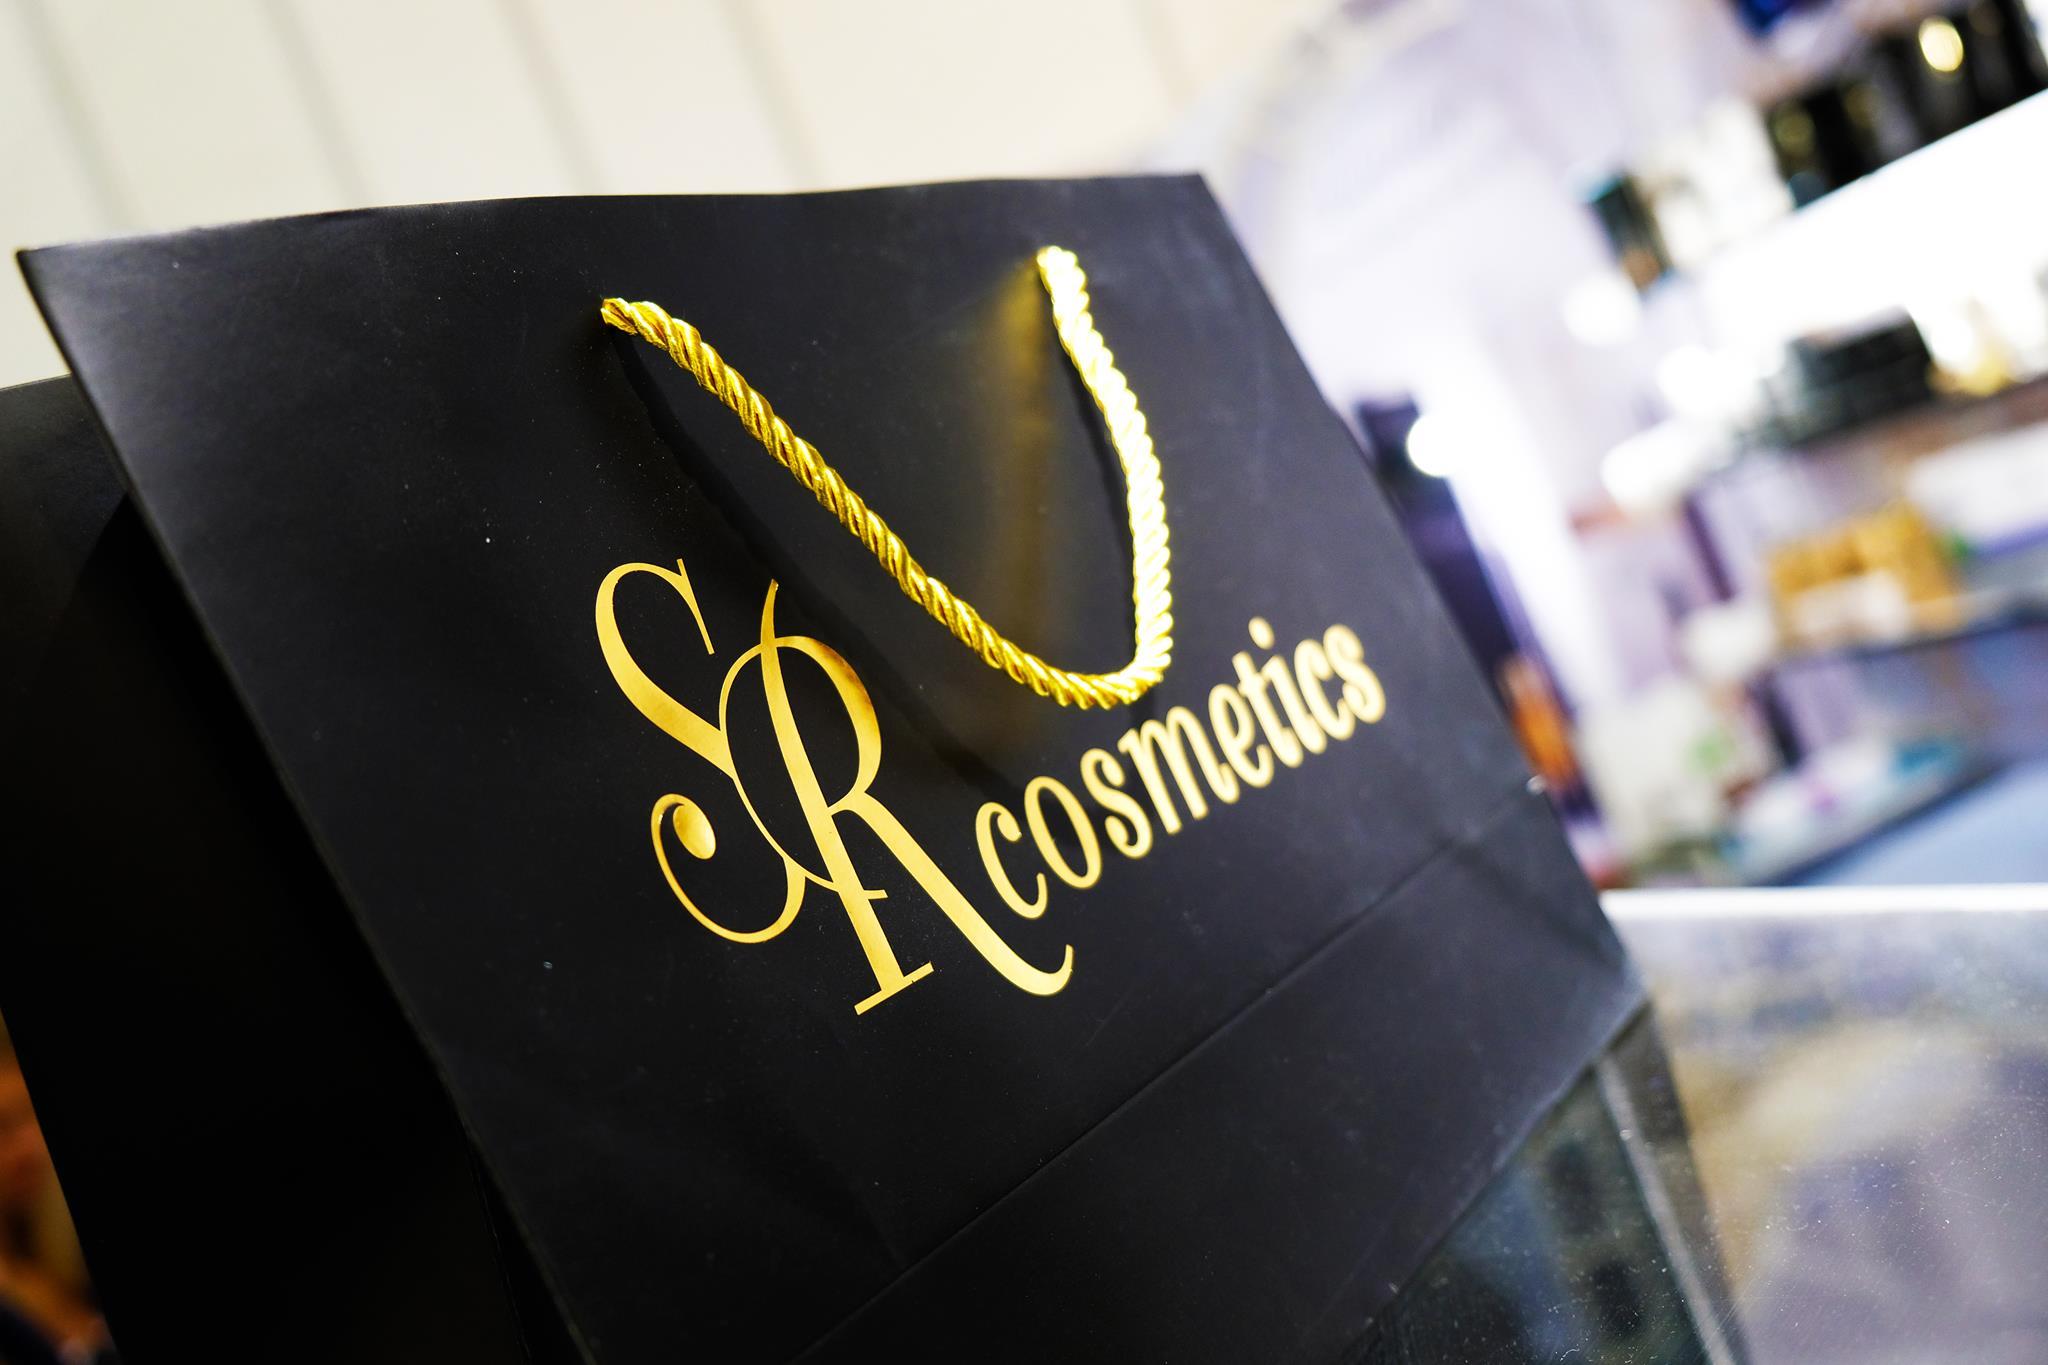 SRcosmetics Официальный Дистрибьютор в Украине